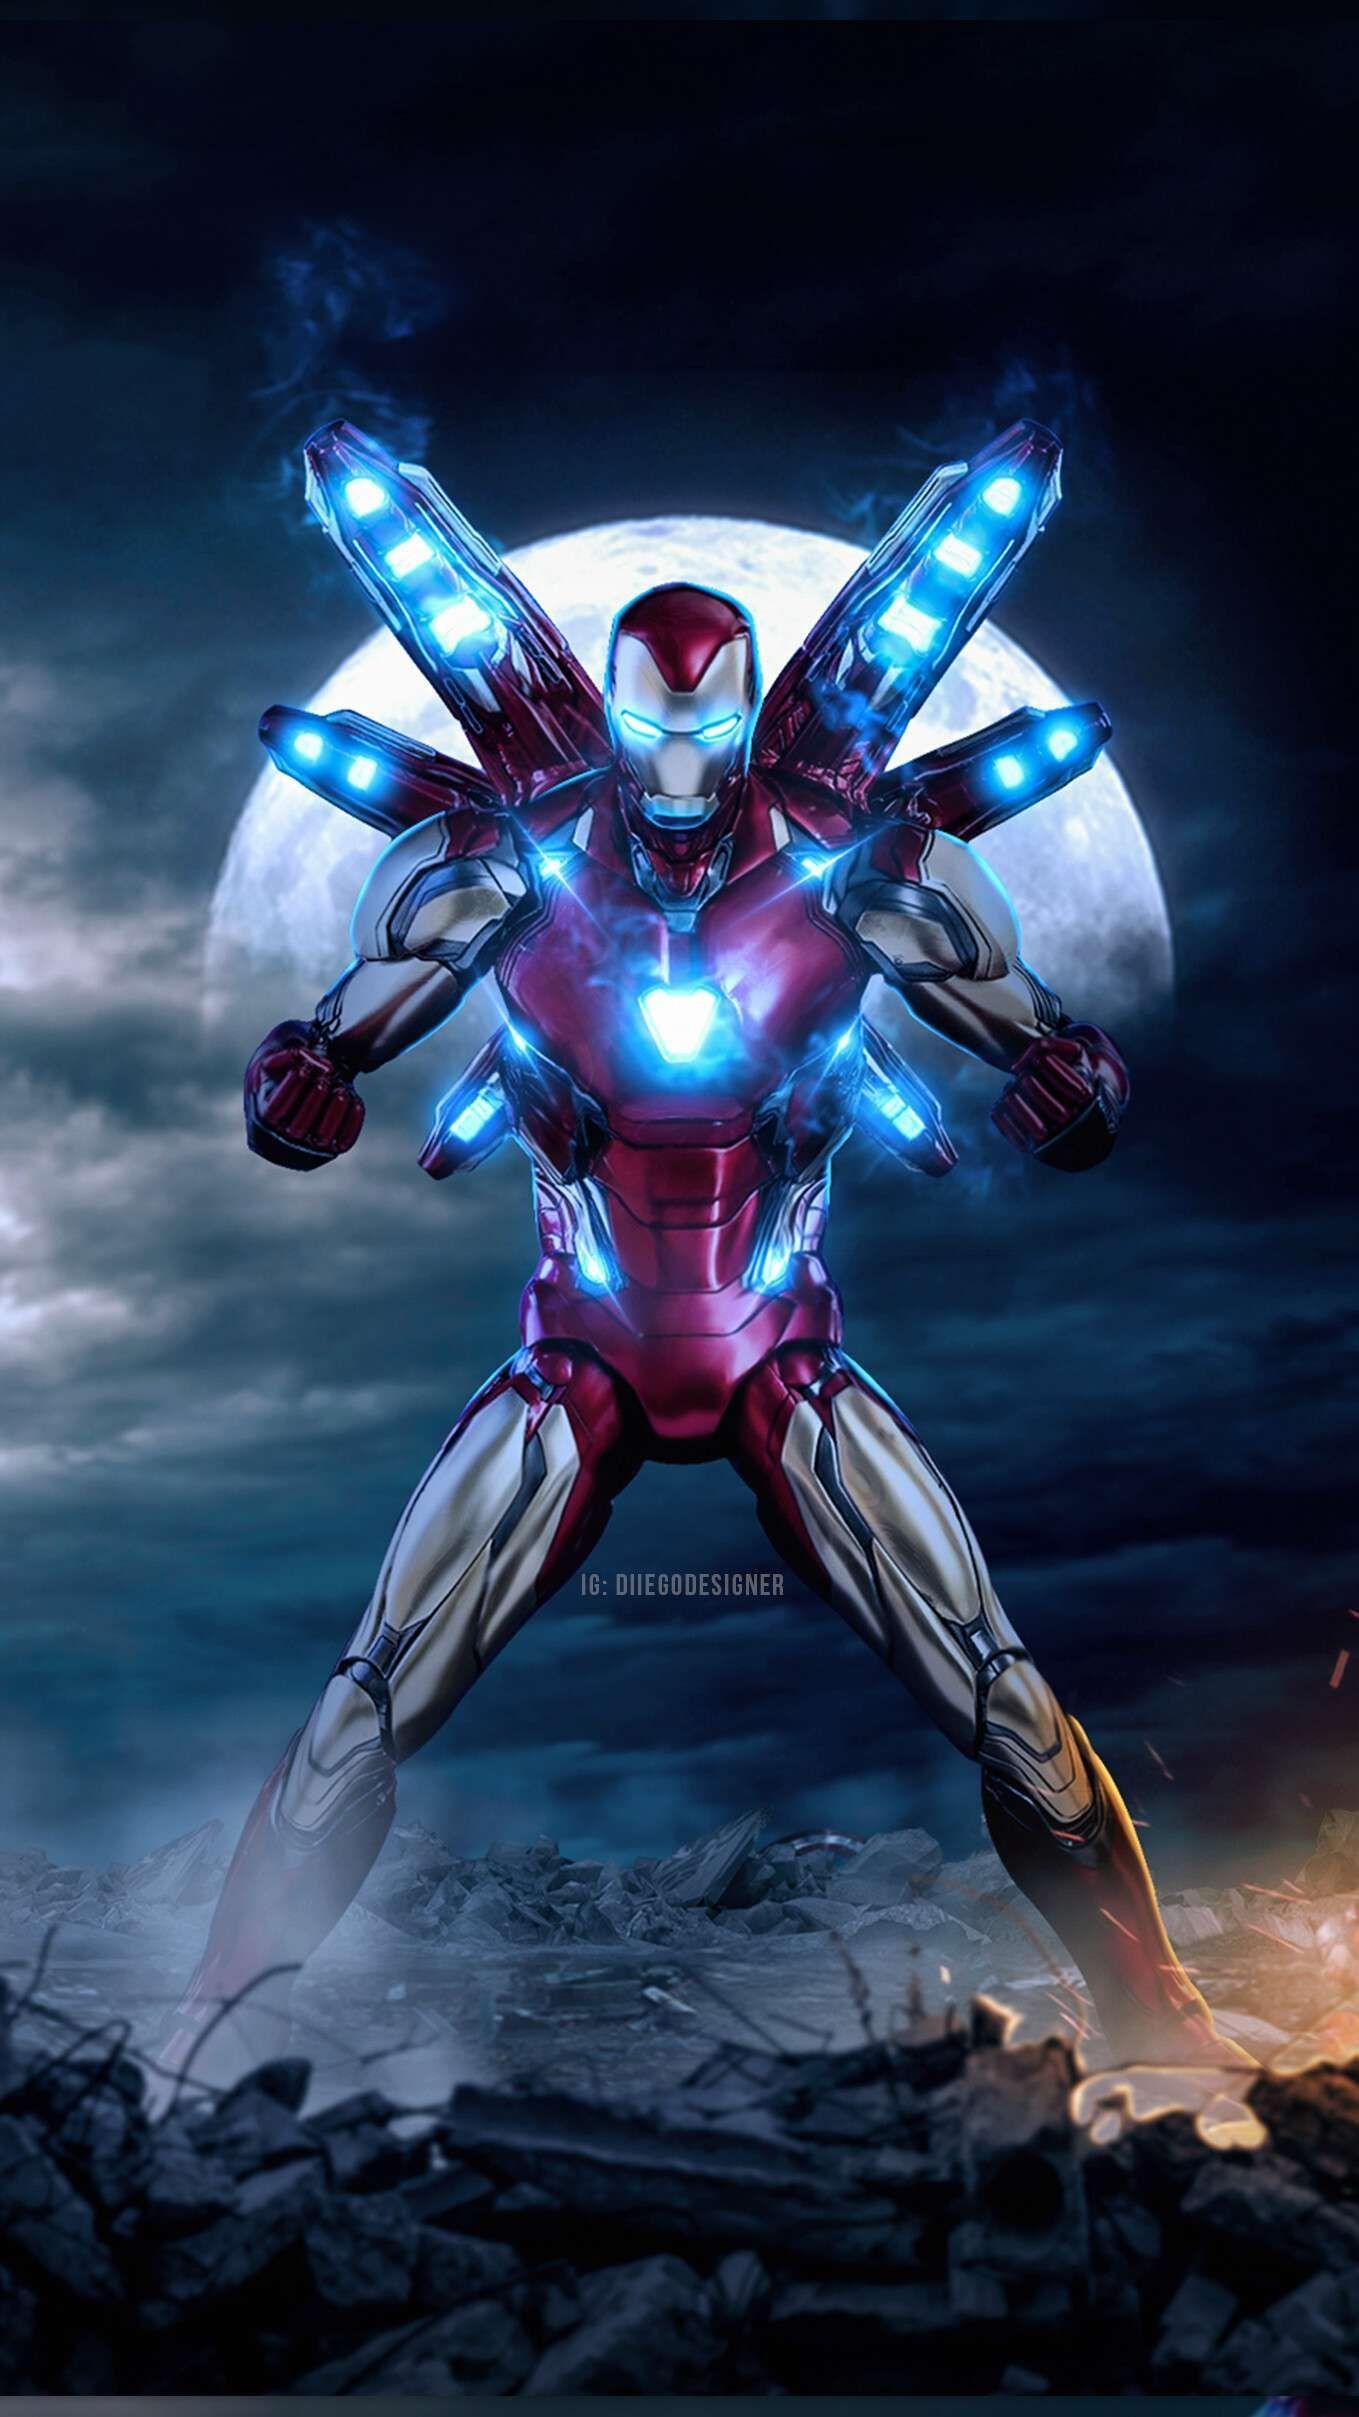 You Have My Respect Stark By Bg Toyart Tonystark Marvel Thanos Avengersendgame Avengers Infinityw Iron Man Photos Iron Man Avengers Iron Man Armor